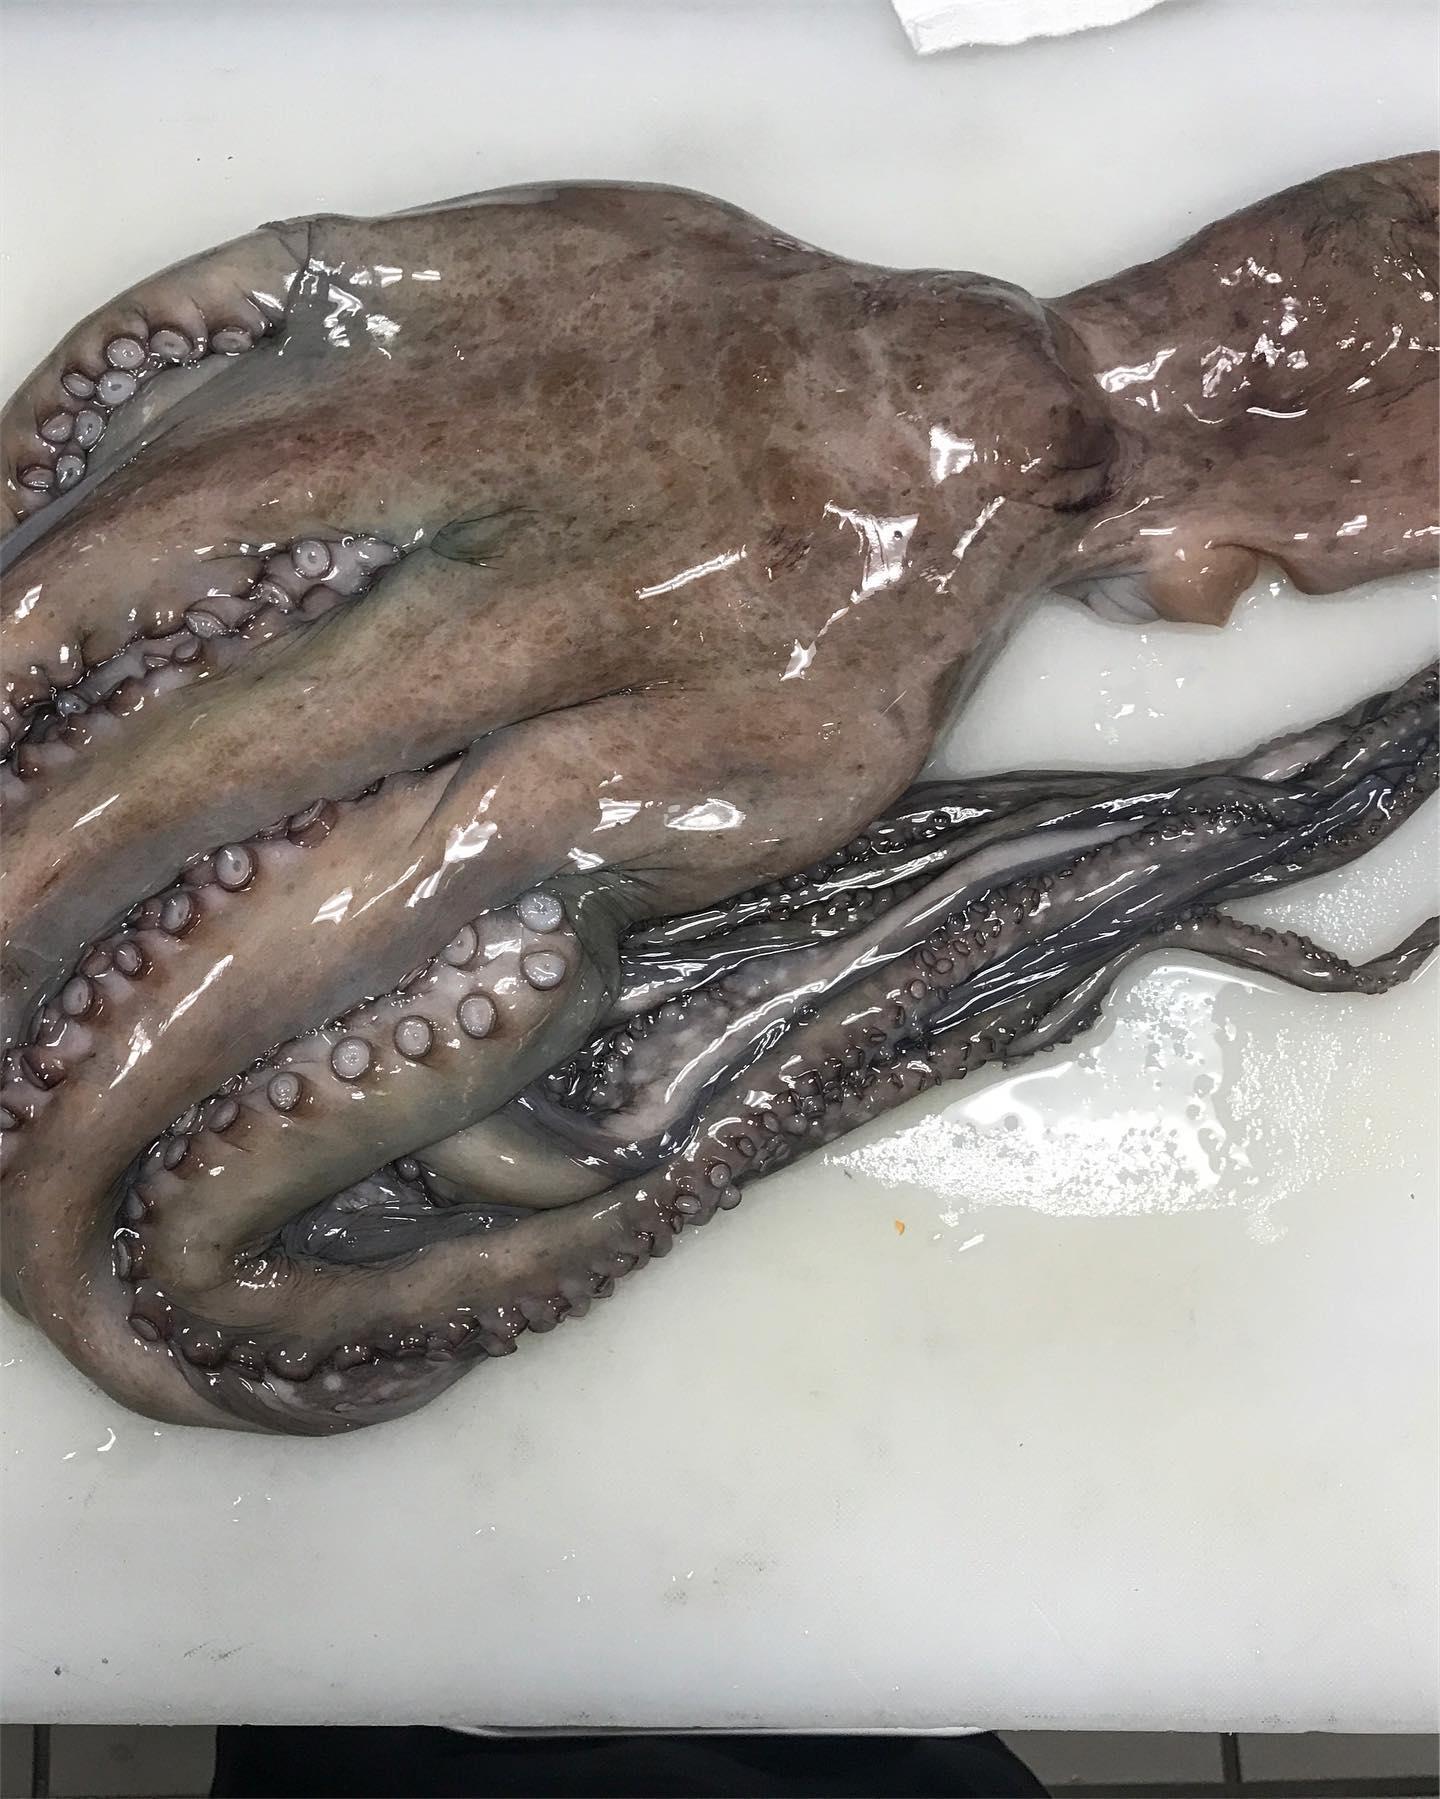 080919 Octopus.jpg